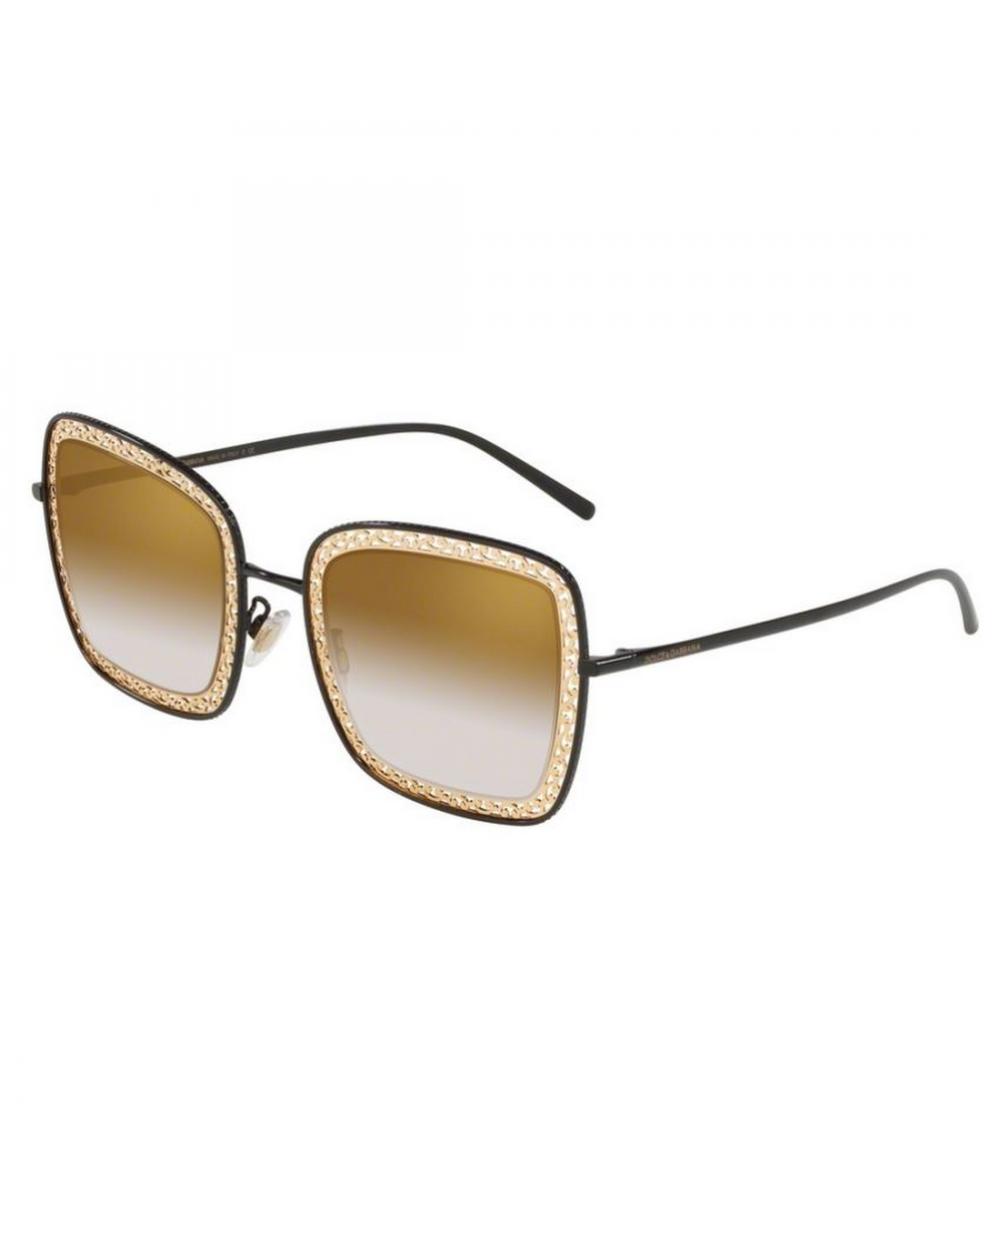 Occhiale da sole Dolce&gabbana DG 2225 confezione originale garanzia italia